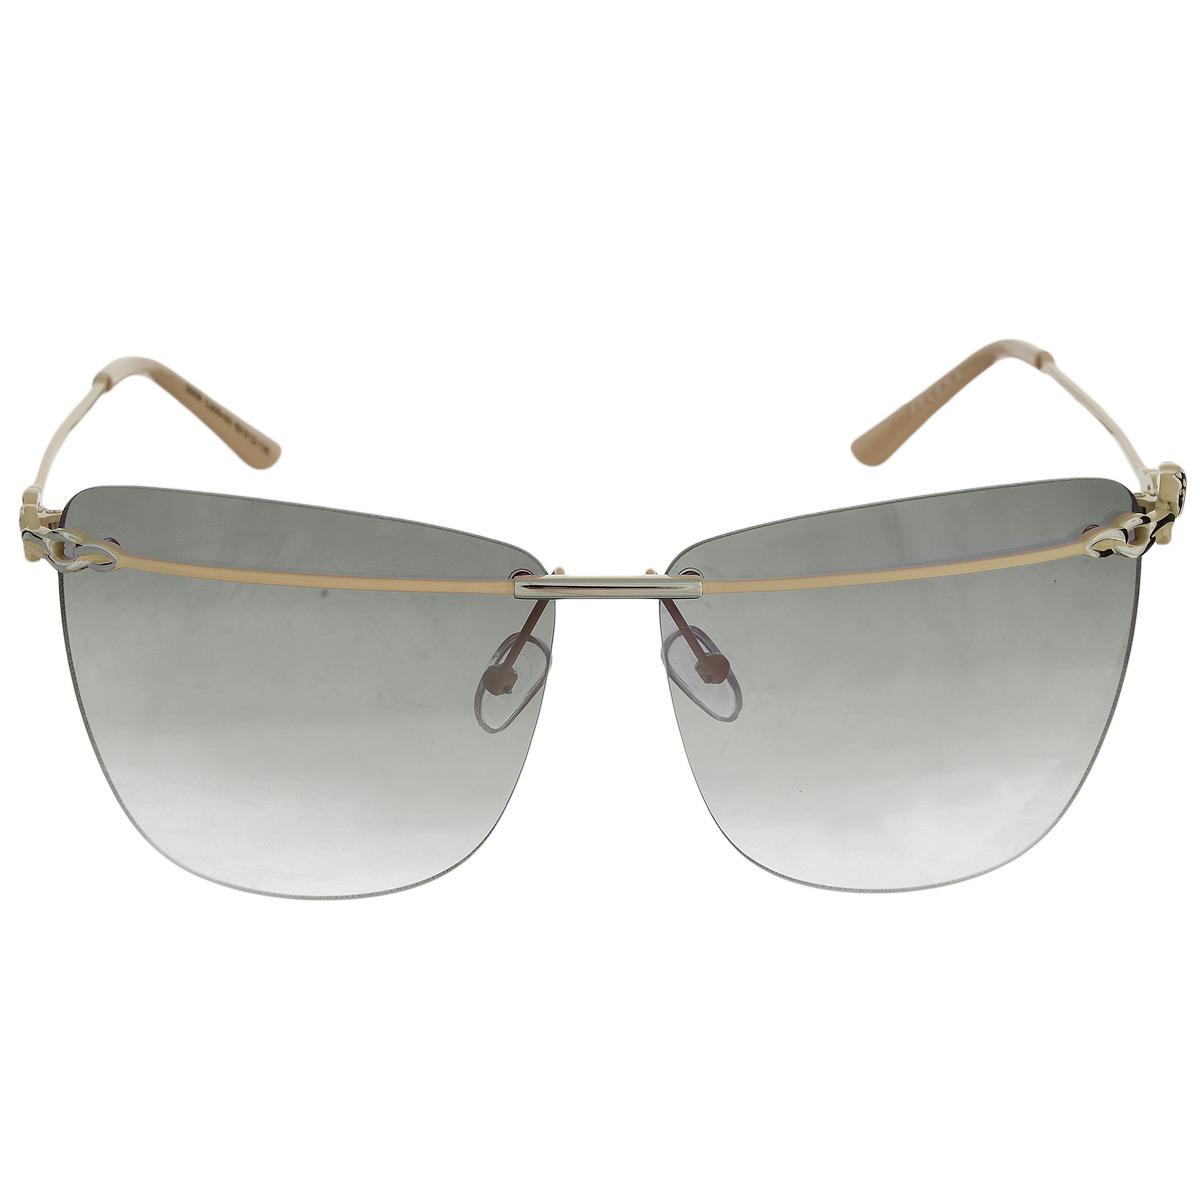 Солнцезащитные очки Selena, цвет: темно-коричневый, бежевый. 8003253180032531Солнцезащитные очки Selena, выполненные с линзами из высококачественного пластика PC с зеркальным эффектом fresh mirror, оправа оформлена изображением головы ягуара. Используемый пластик не искажает изображение, не подвержен нагреванию и вредному воздействию солнечных лучей. Линзы данных очков с высокоэффективным UV-фильтром обеспечивают полную защиту от ультрафиолетовых лучей. Металлическая оправа очков легкая, прилегающей формы и поэтому не создает никакого дискомфорта. Такие очки защитят глаза от ультрафиолетовых лучей, подчеркнут вашу индивидуальность и сделают ваш образ завершенным.